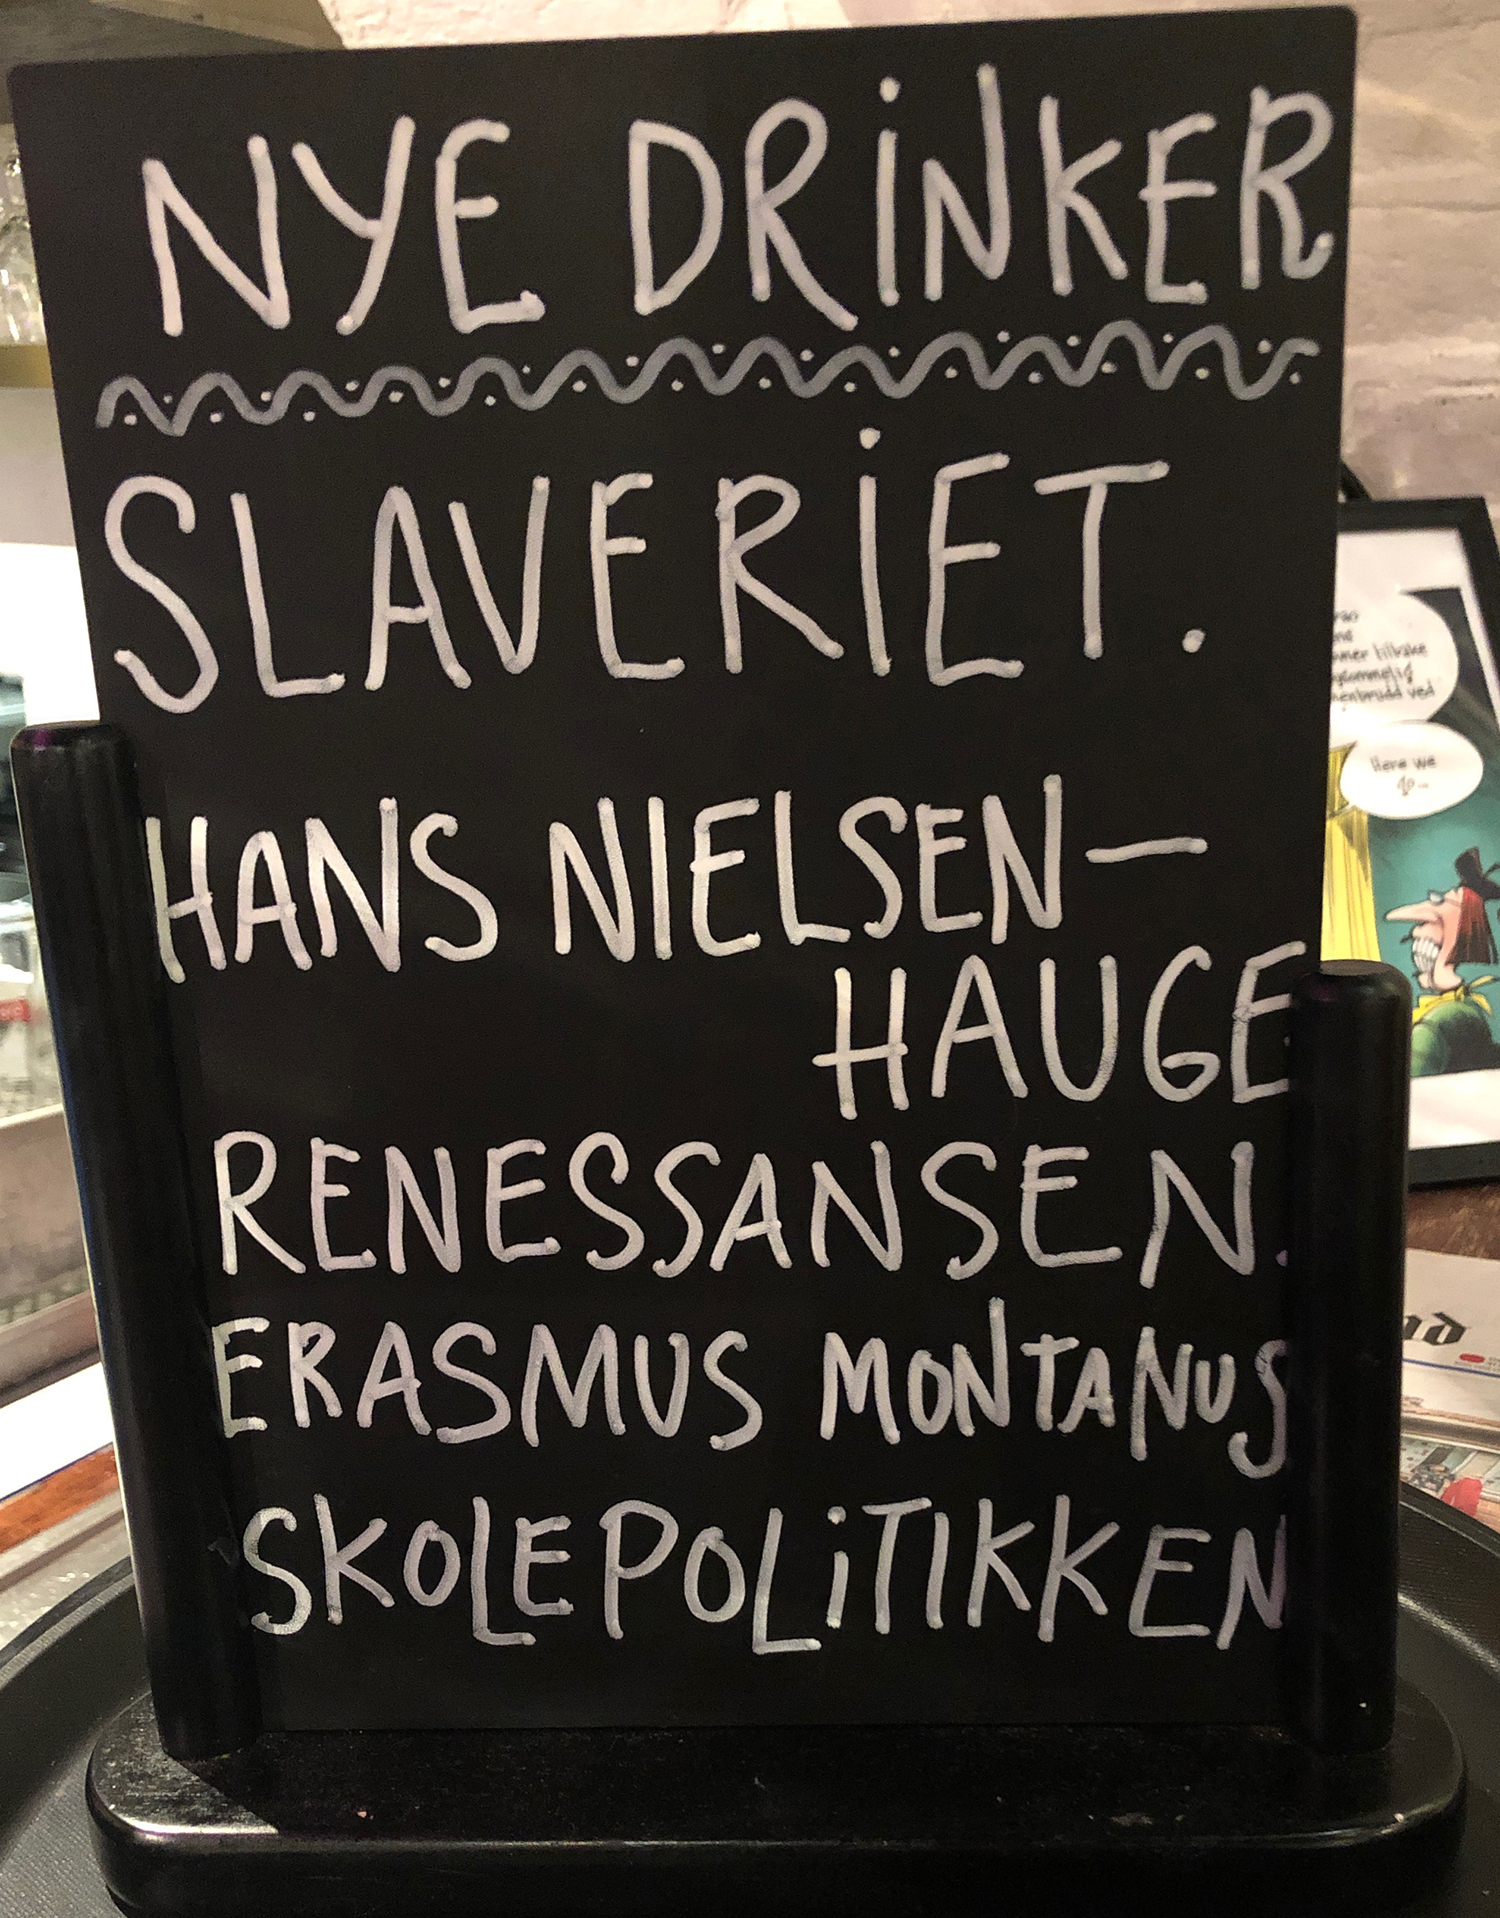 Nye drinker